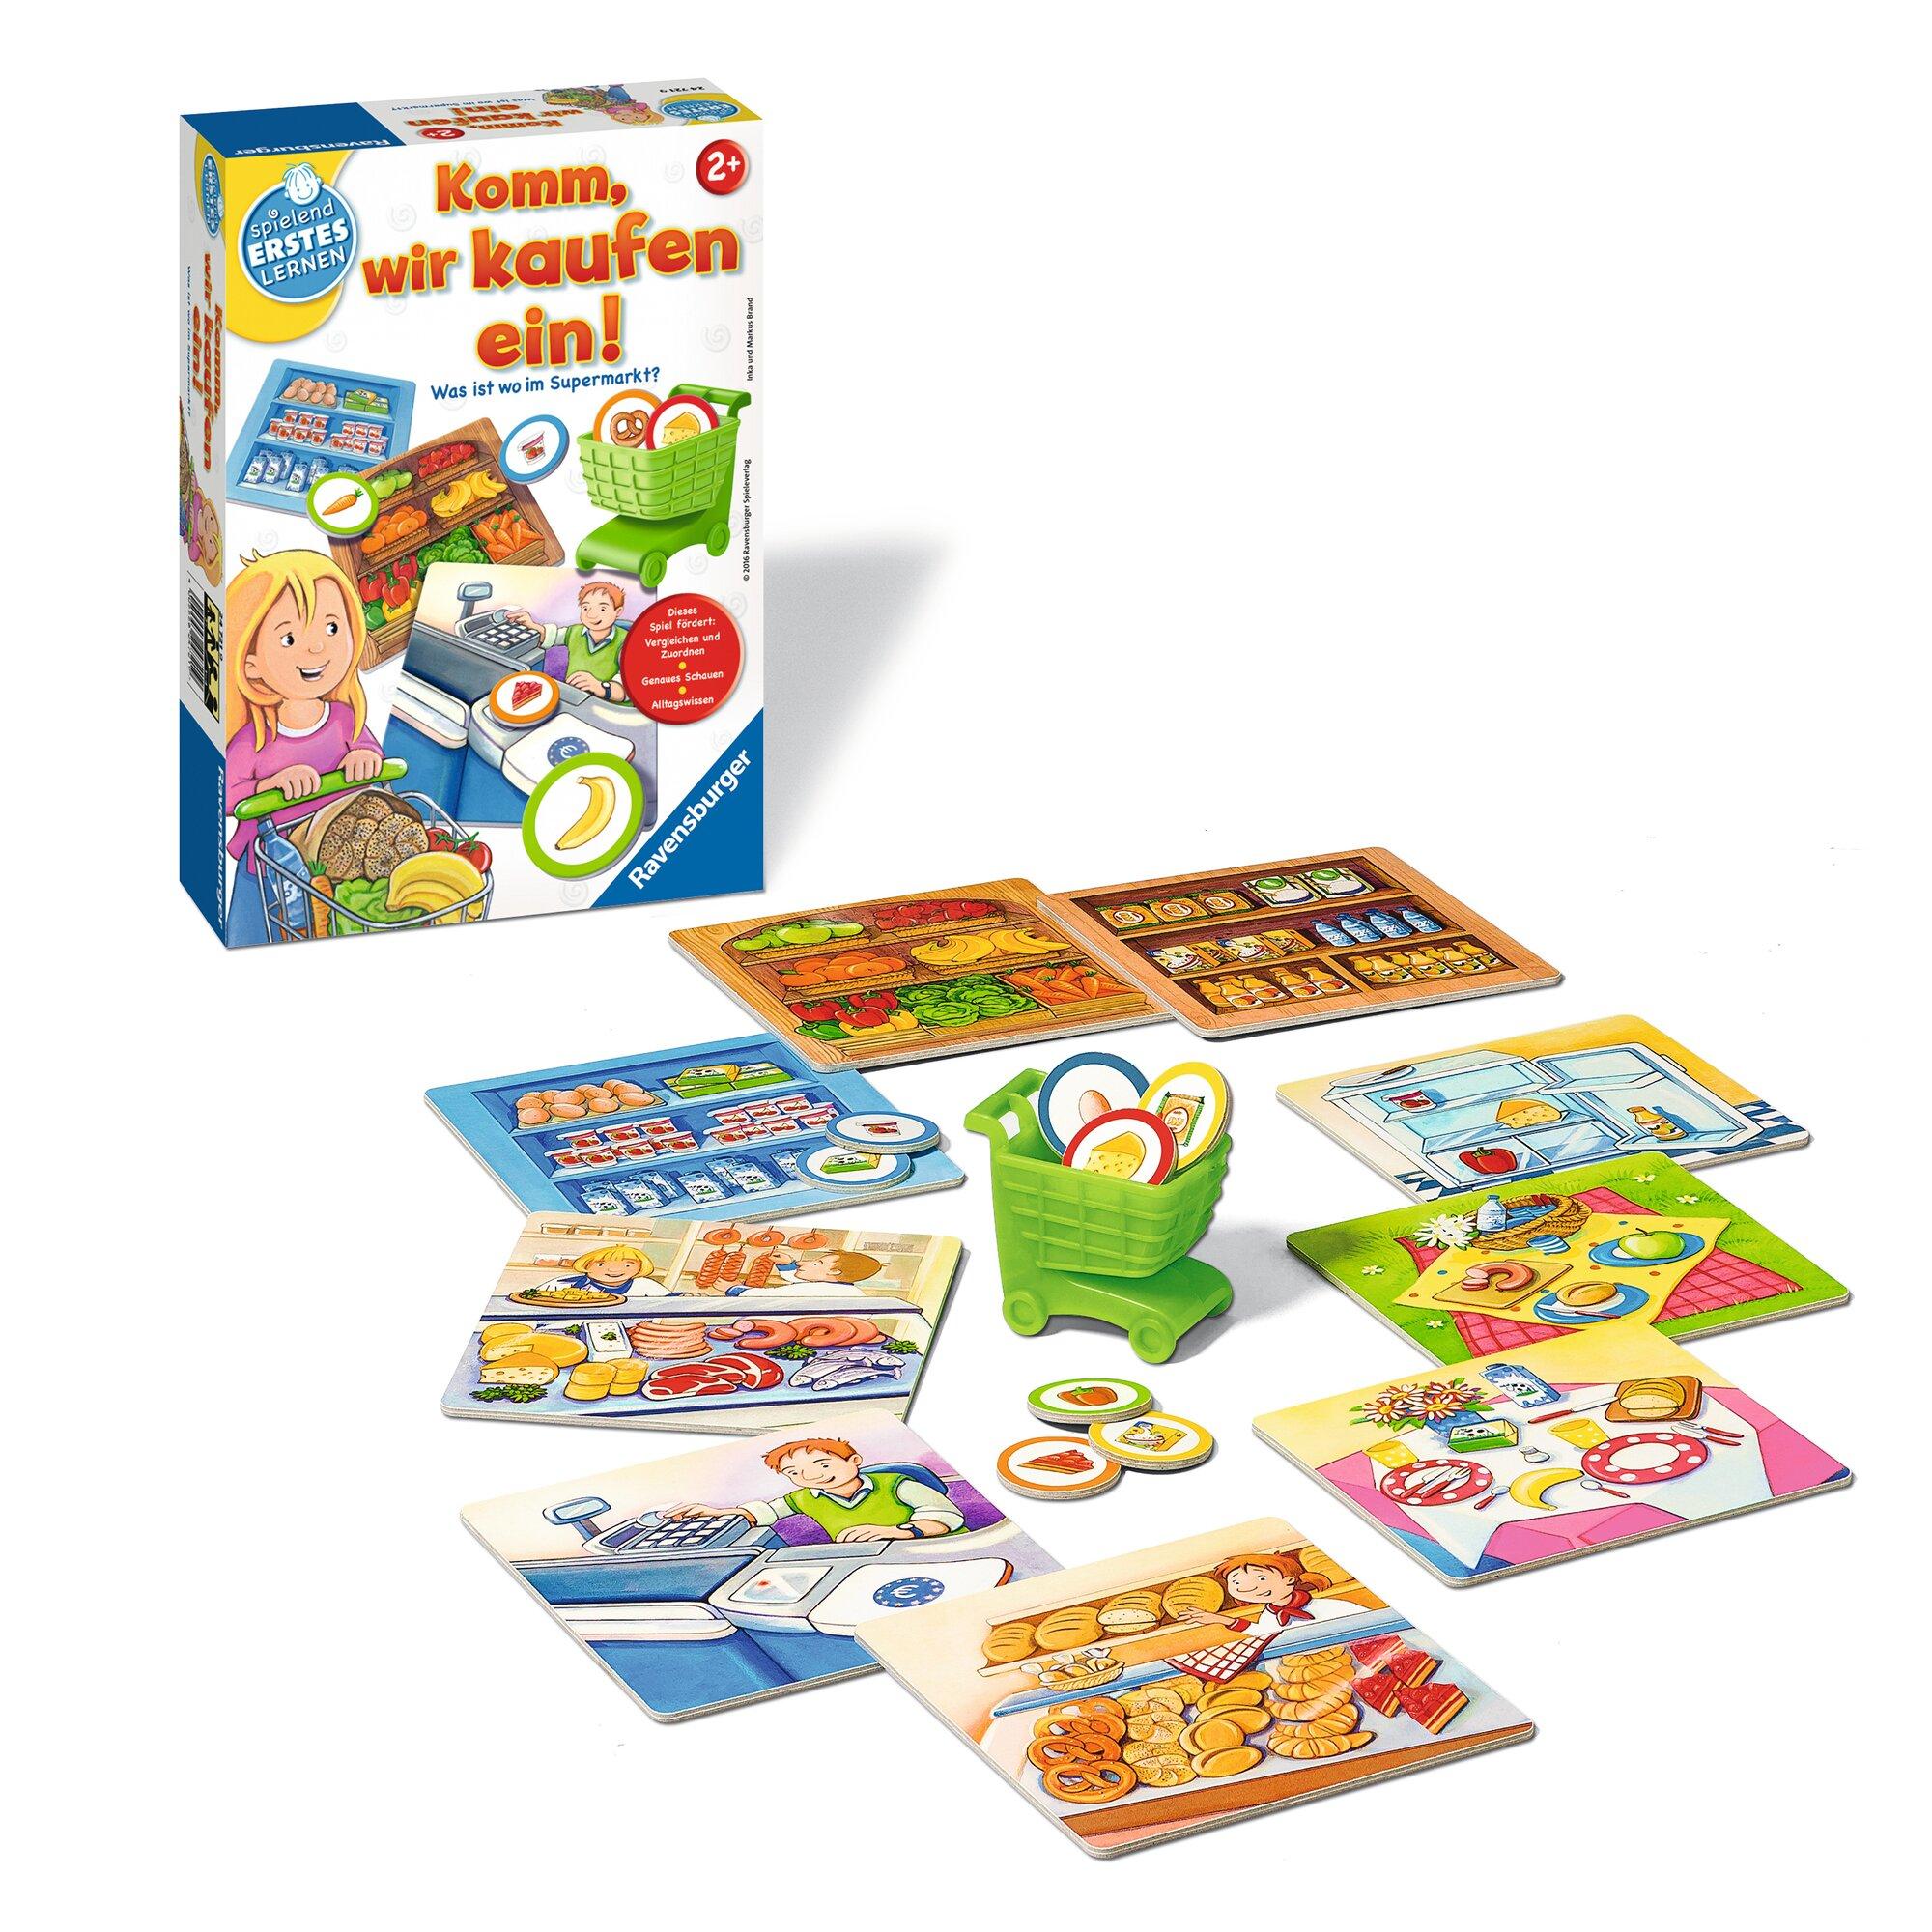 ravensburger-komm-wir-kaufen-ein-zuordnungsspiel